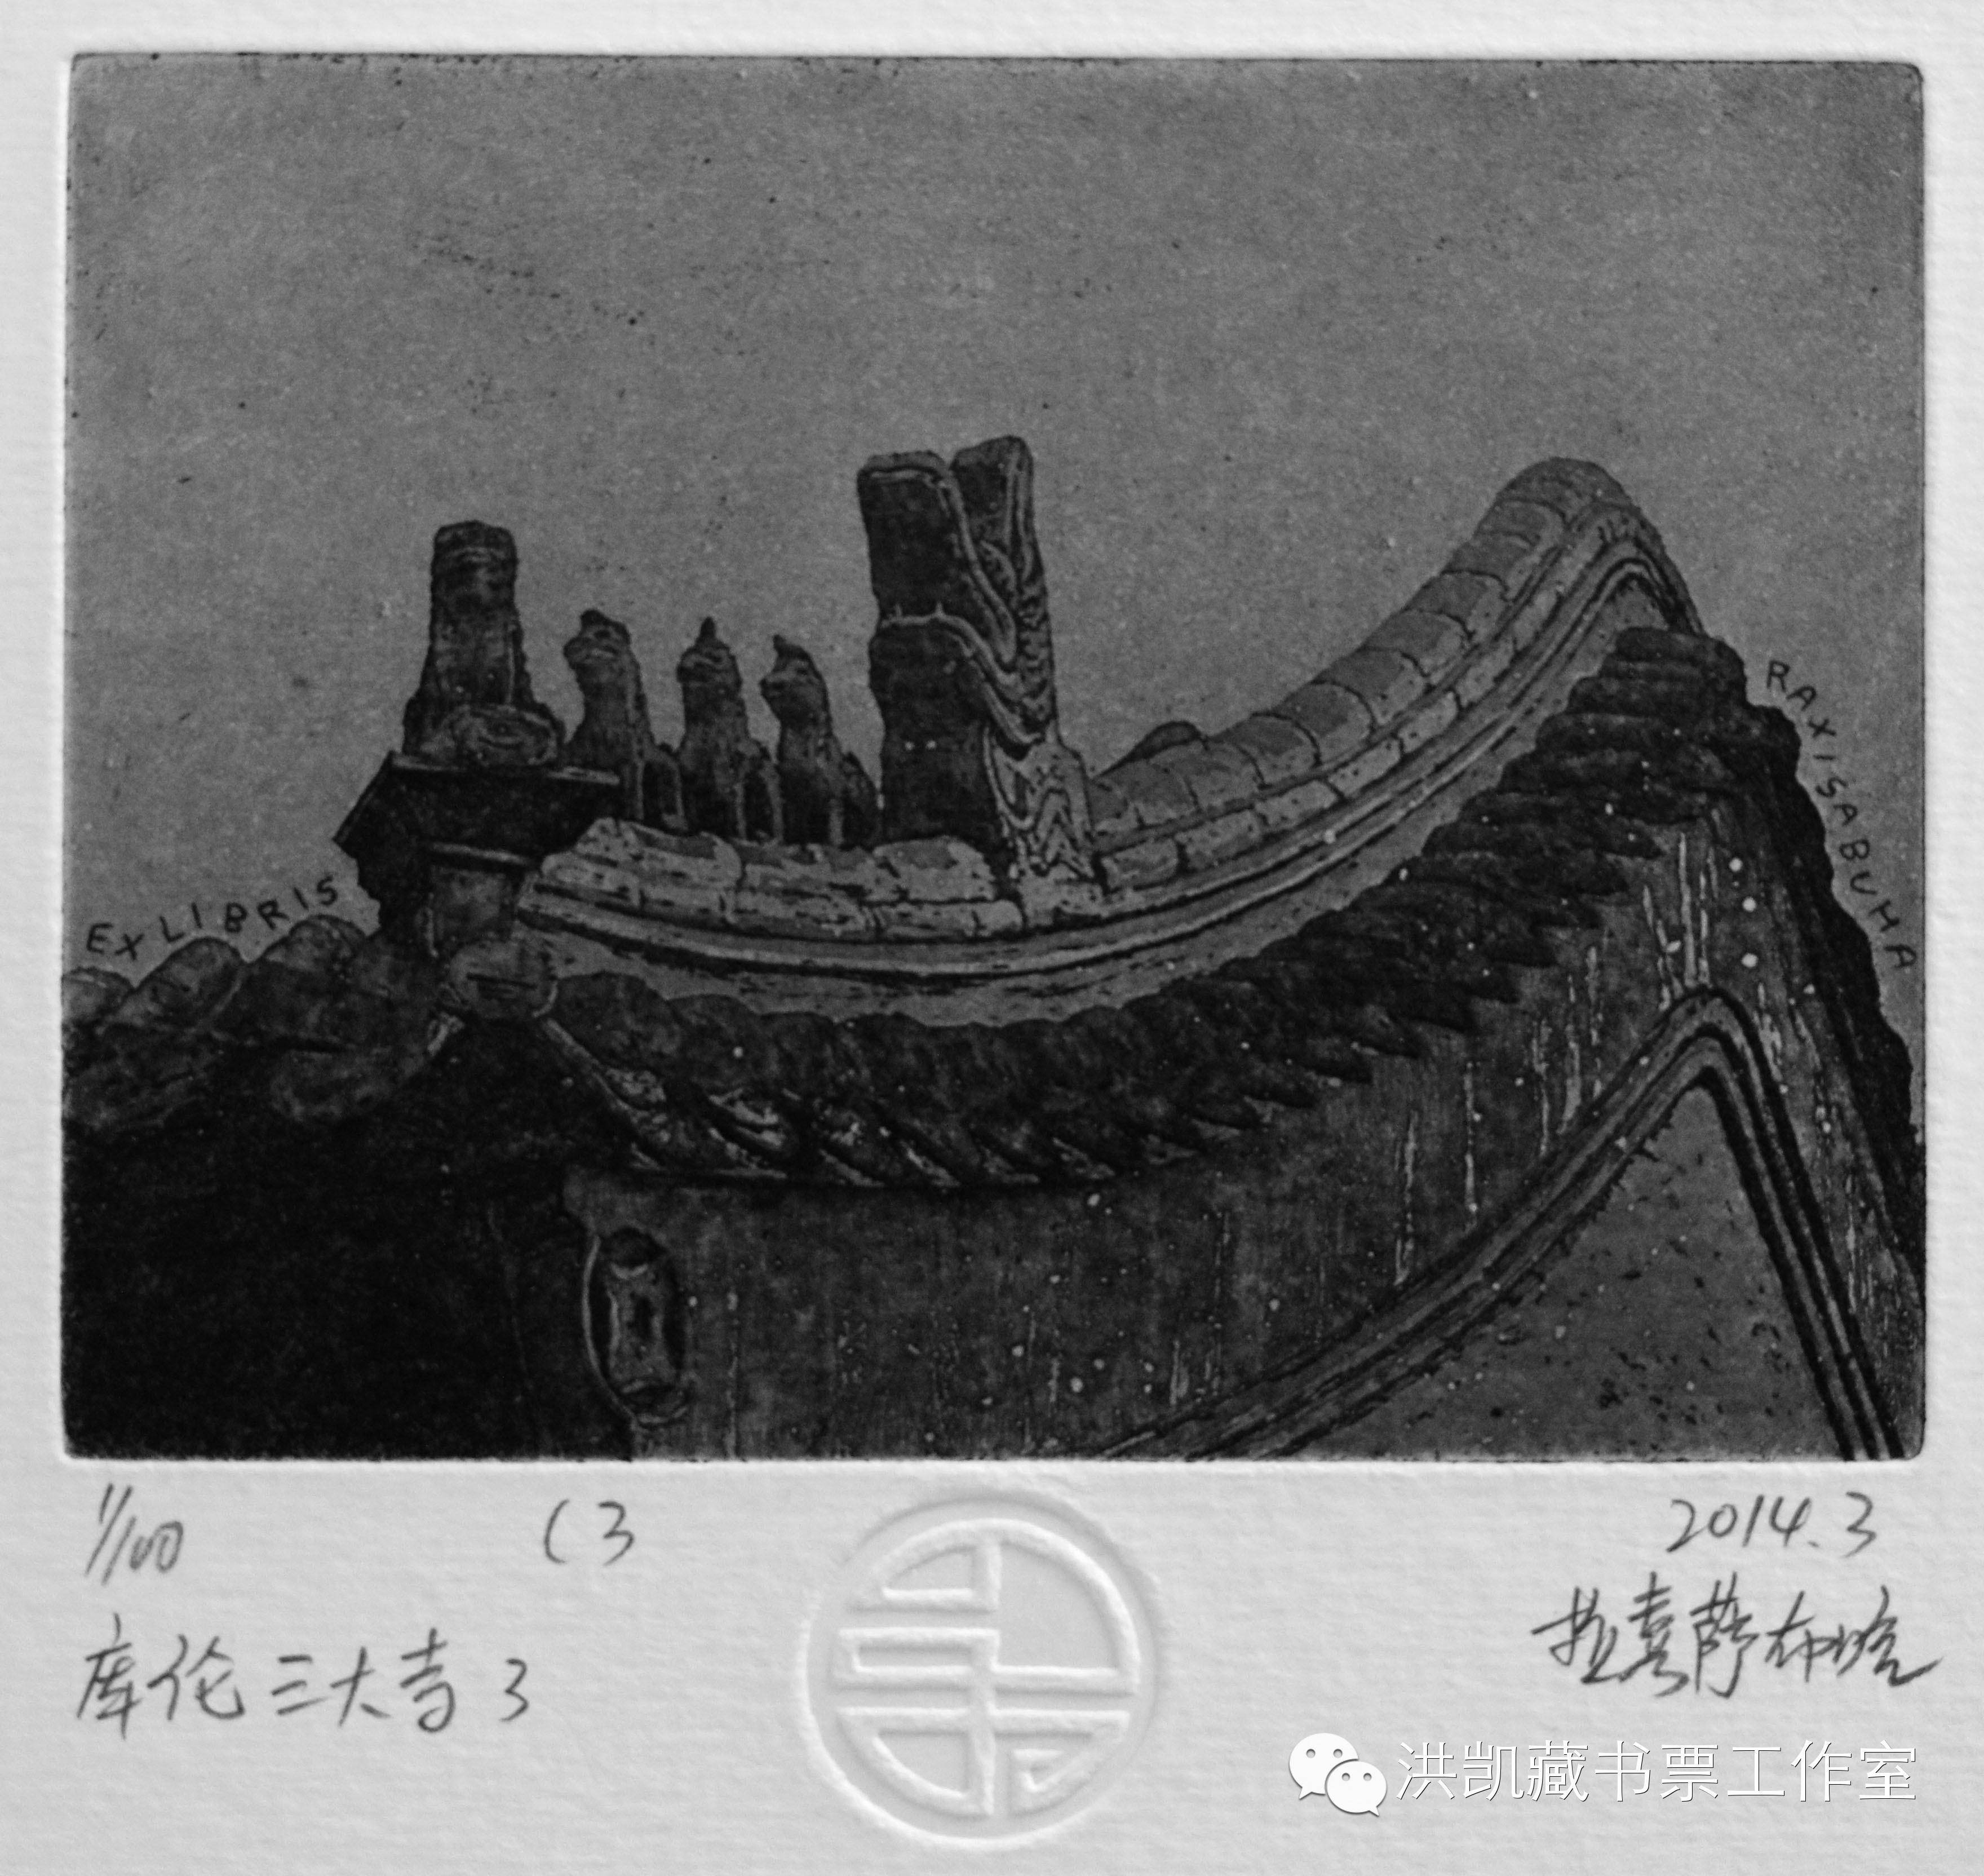 版画作品推荐002期-(内蒙古版画家)拉喜萨布哈﹒版画&藏书票作品欣赏 第8张